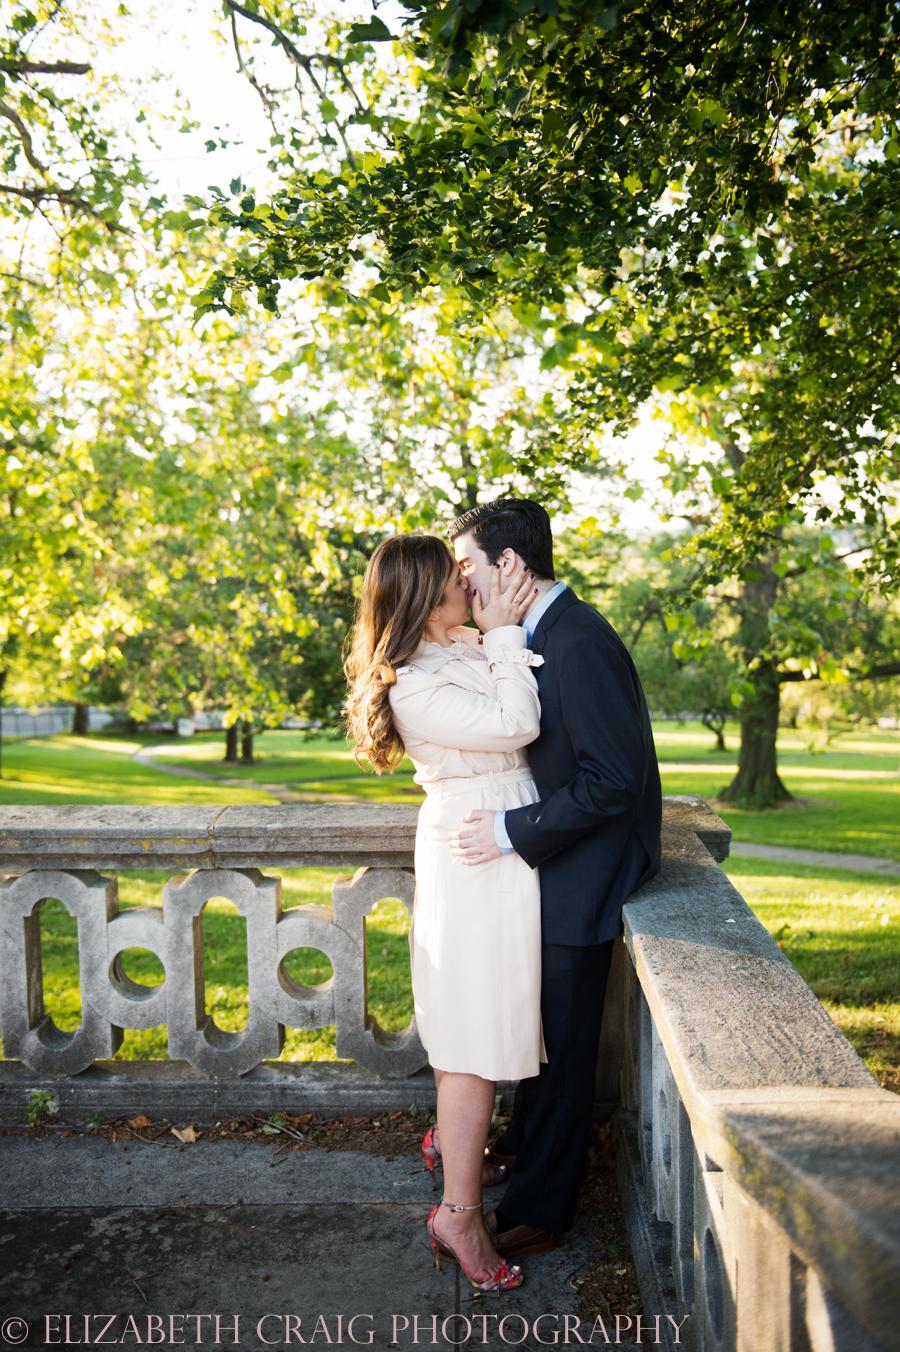 pittsburgh-engagement-photographer-mellon-park-engagement-sessions-elizabeth-craig-photography-011